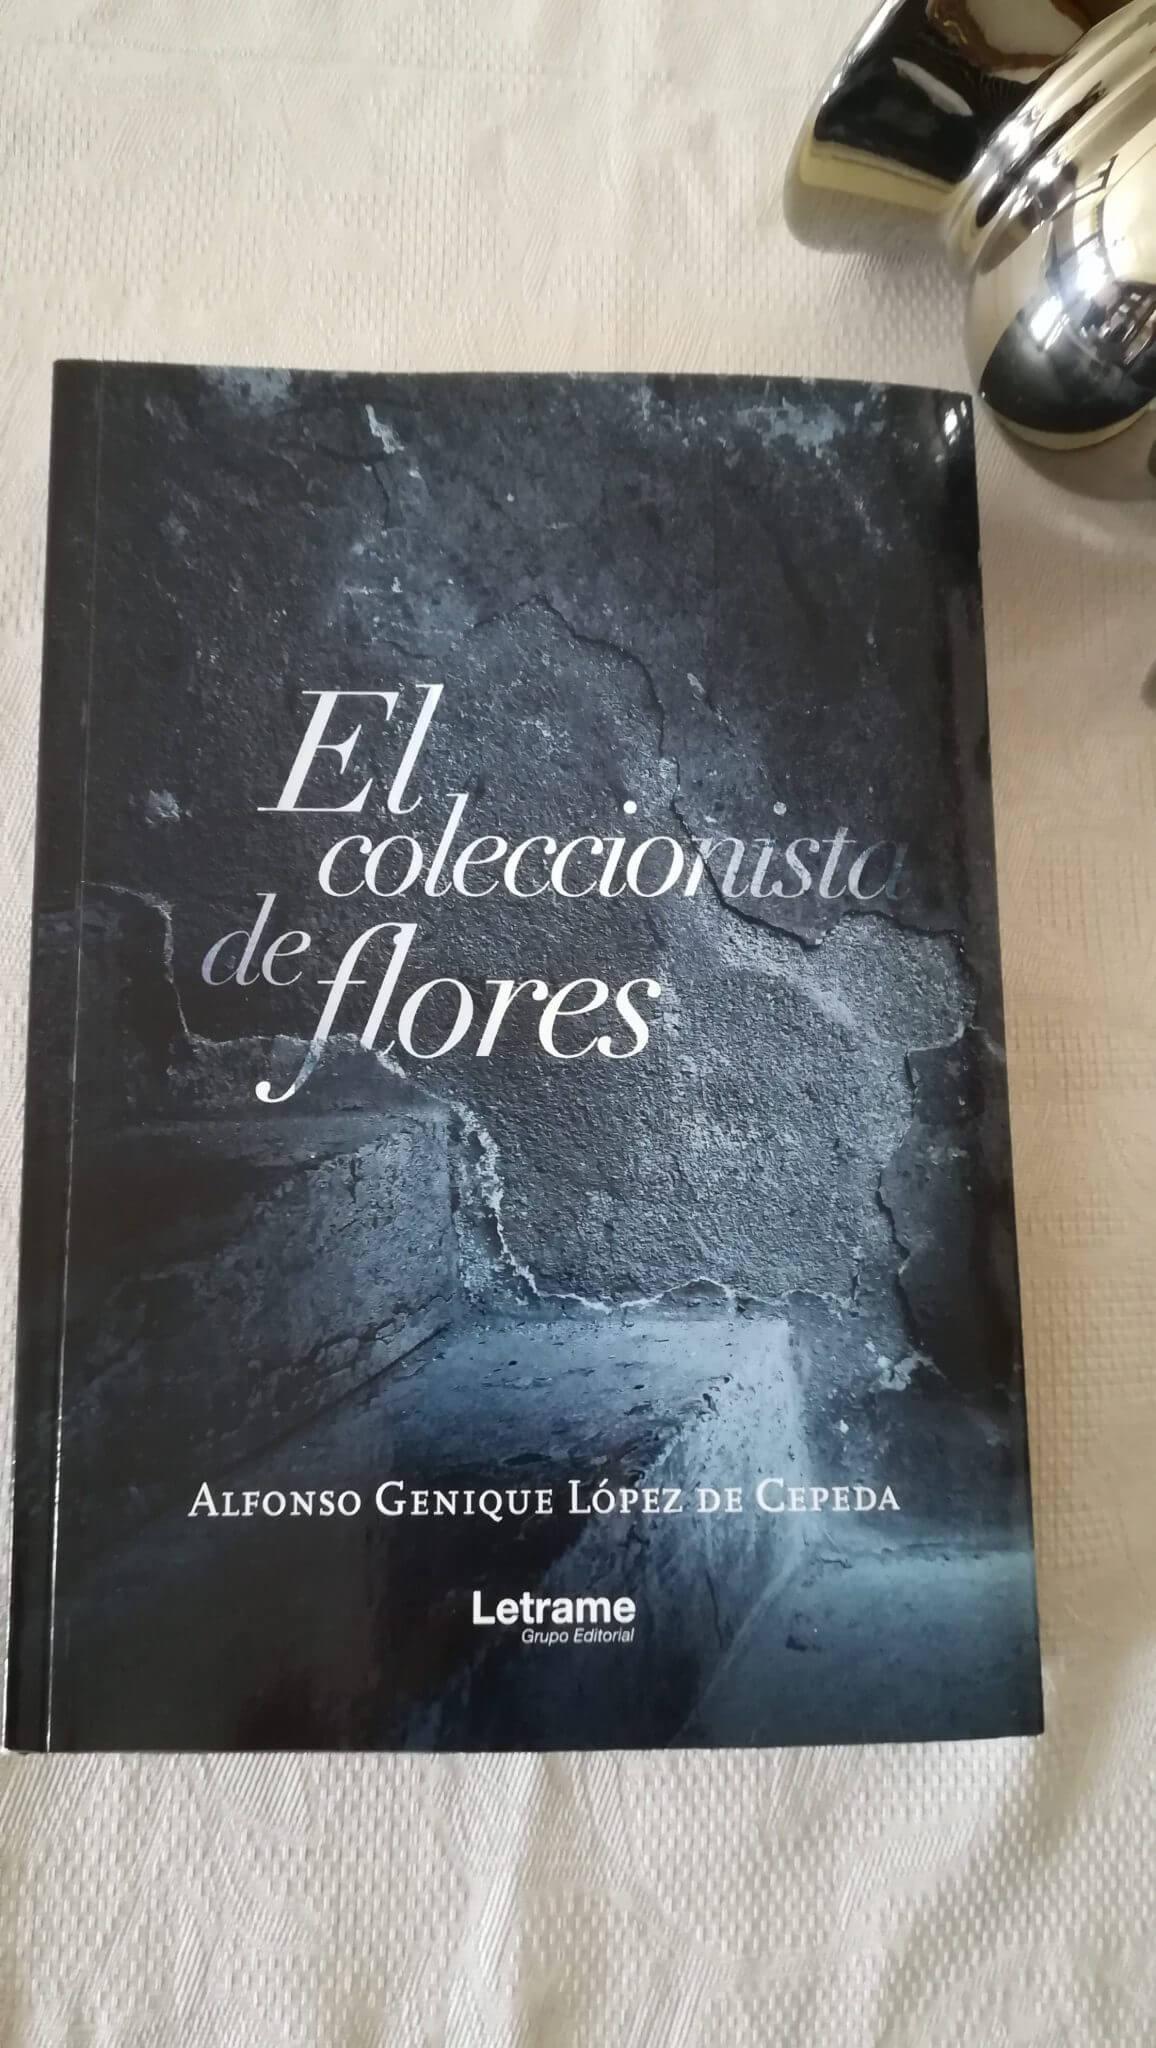 El coleccionista de flores – Alfonso Genique López de Cepeda